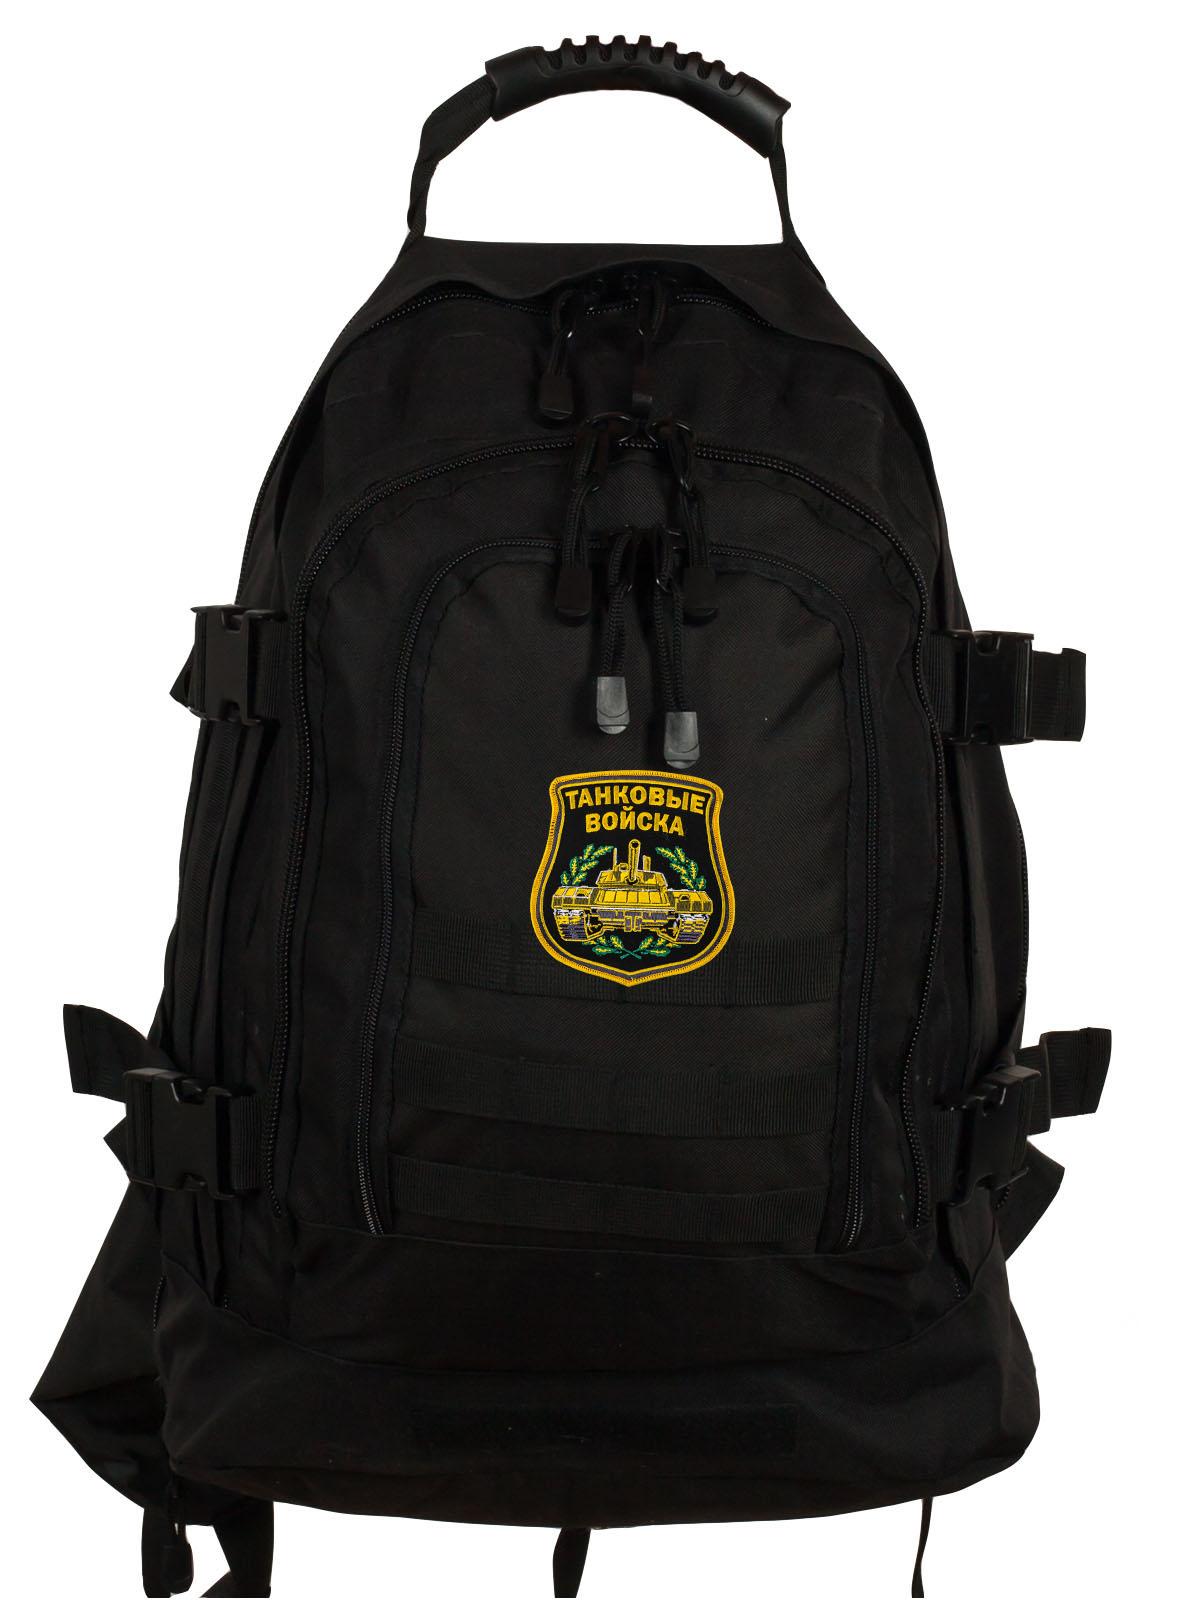 Крутой удобный рюкзак с нашивкой Танковые Войска - купить по низкой цене